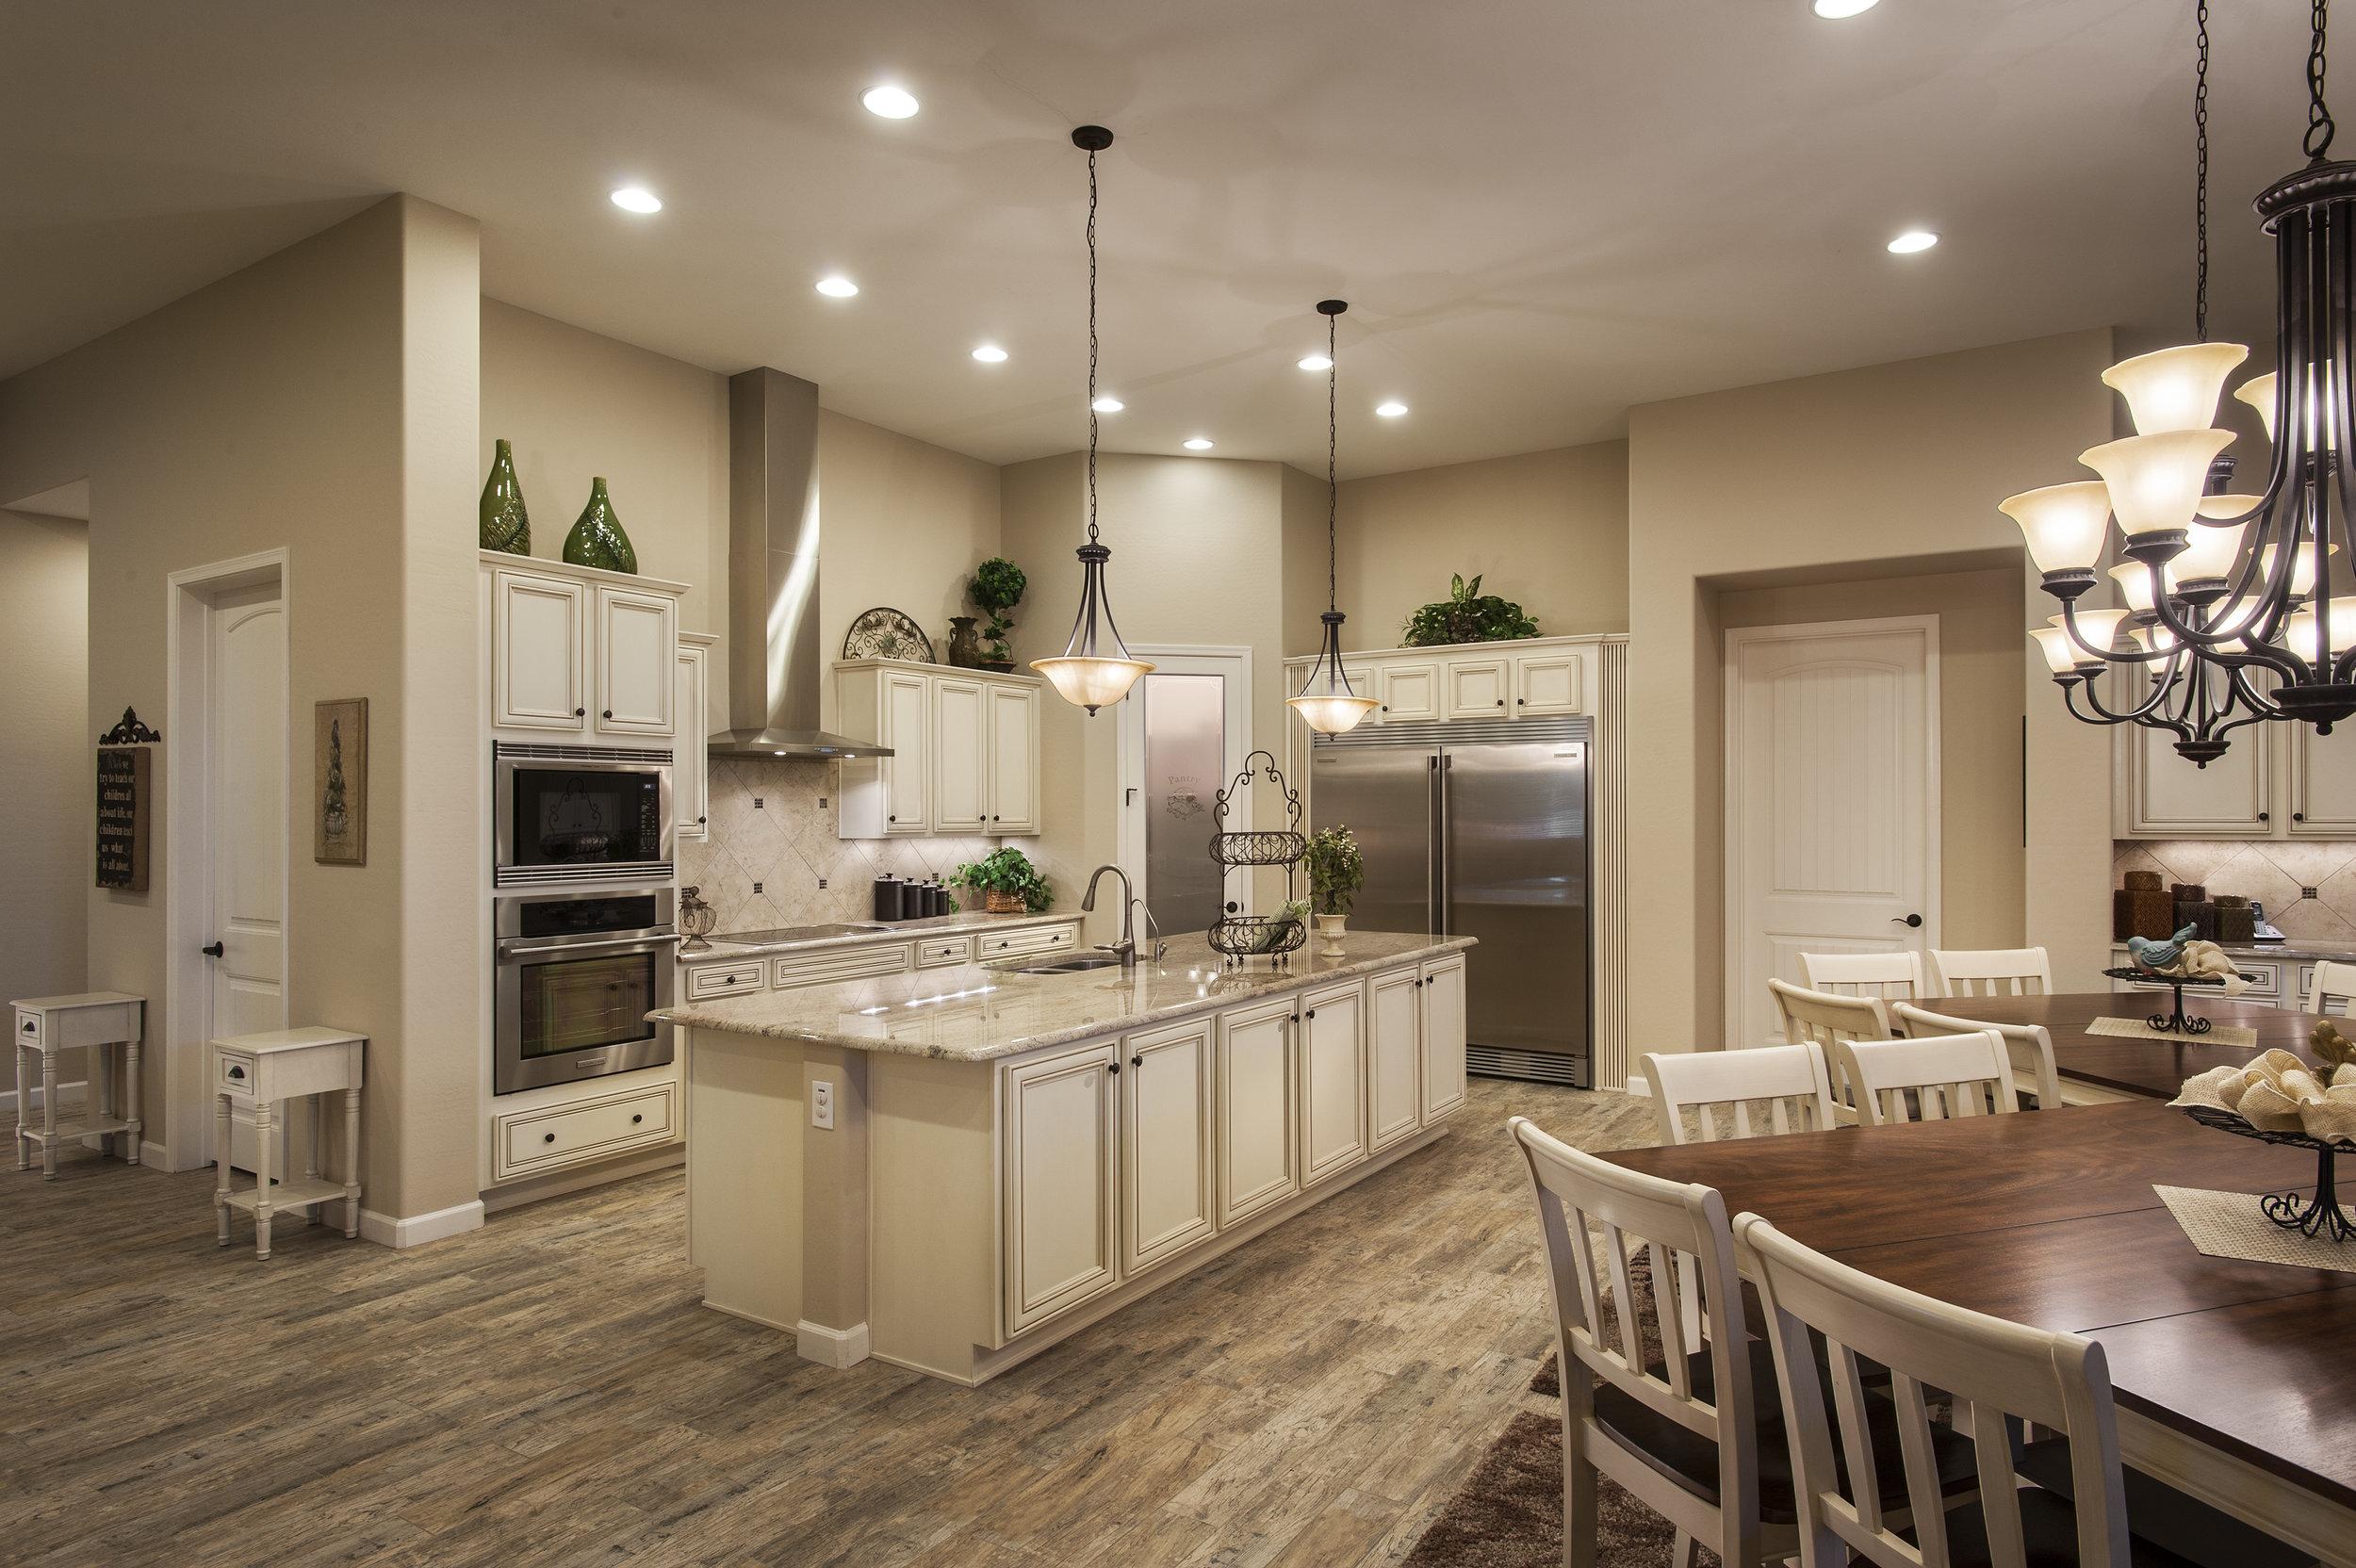 37-2569 Kitchen.jpg